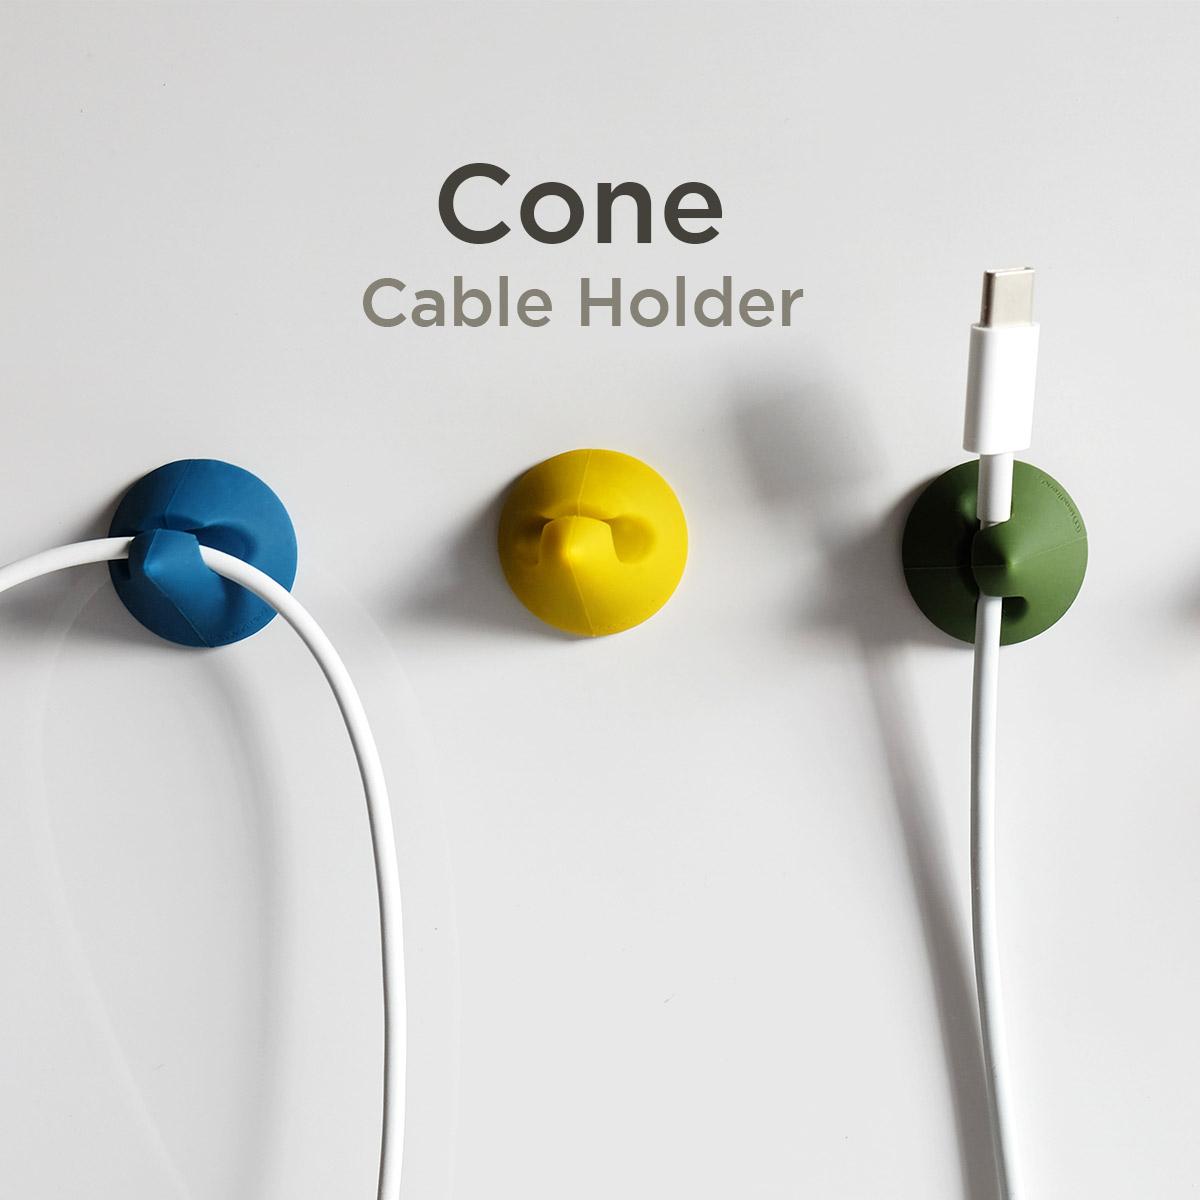 Lead Trend ケーブルホルダー CONE(5個入り)【 円錐形 コーン シリコン 】ケーブルを固定 パントンカラー クリップ